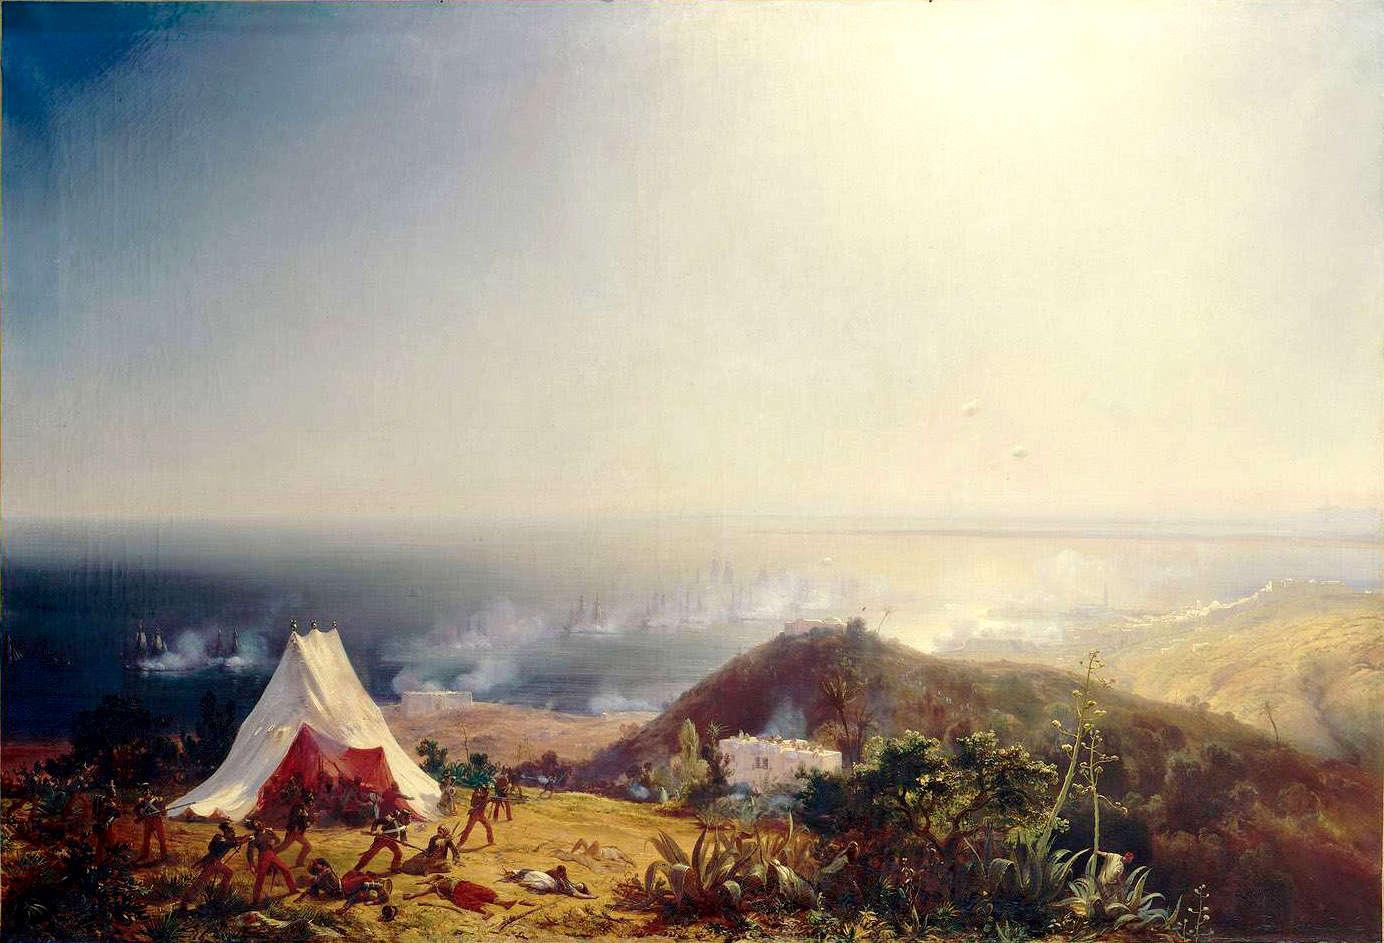 http://upload.wikimedia.org/wikipedia/commons/9/9d/Attaque_d_Alger_par_la_mer_29_Juin_1830_par_Theodore_Gudin.jpg